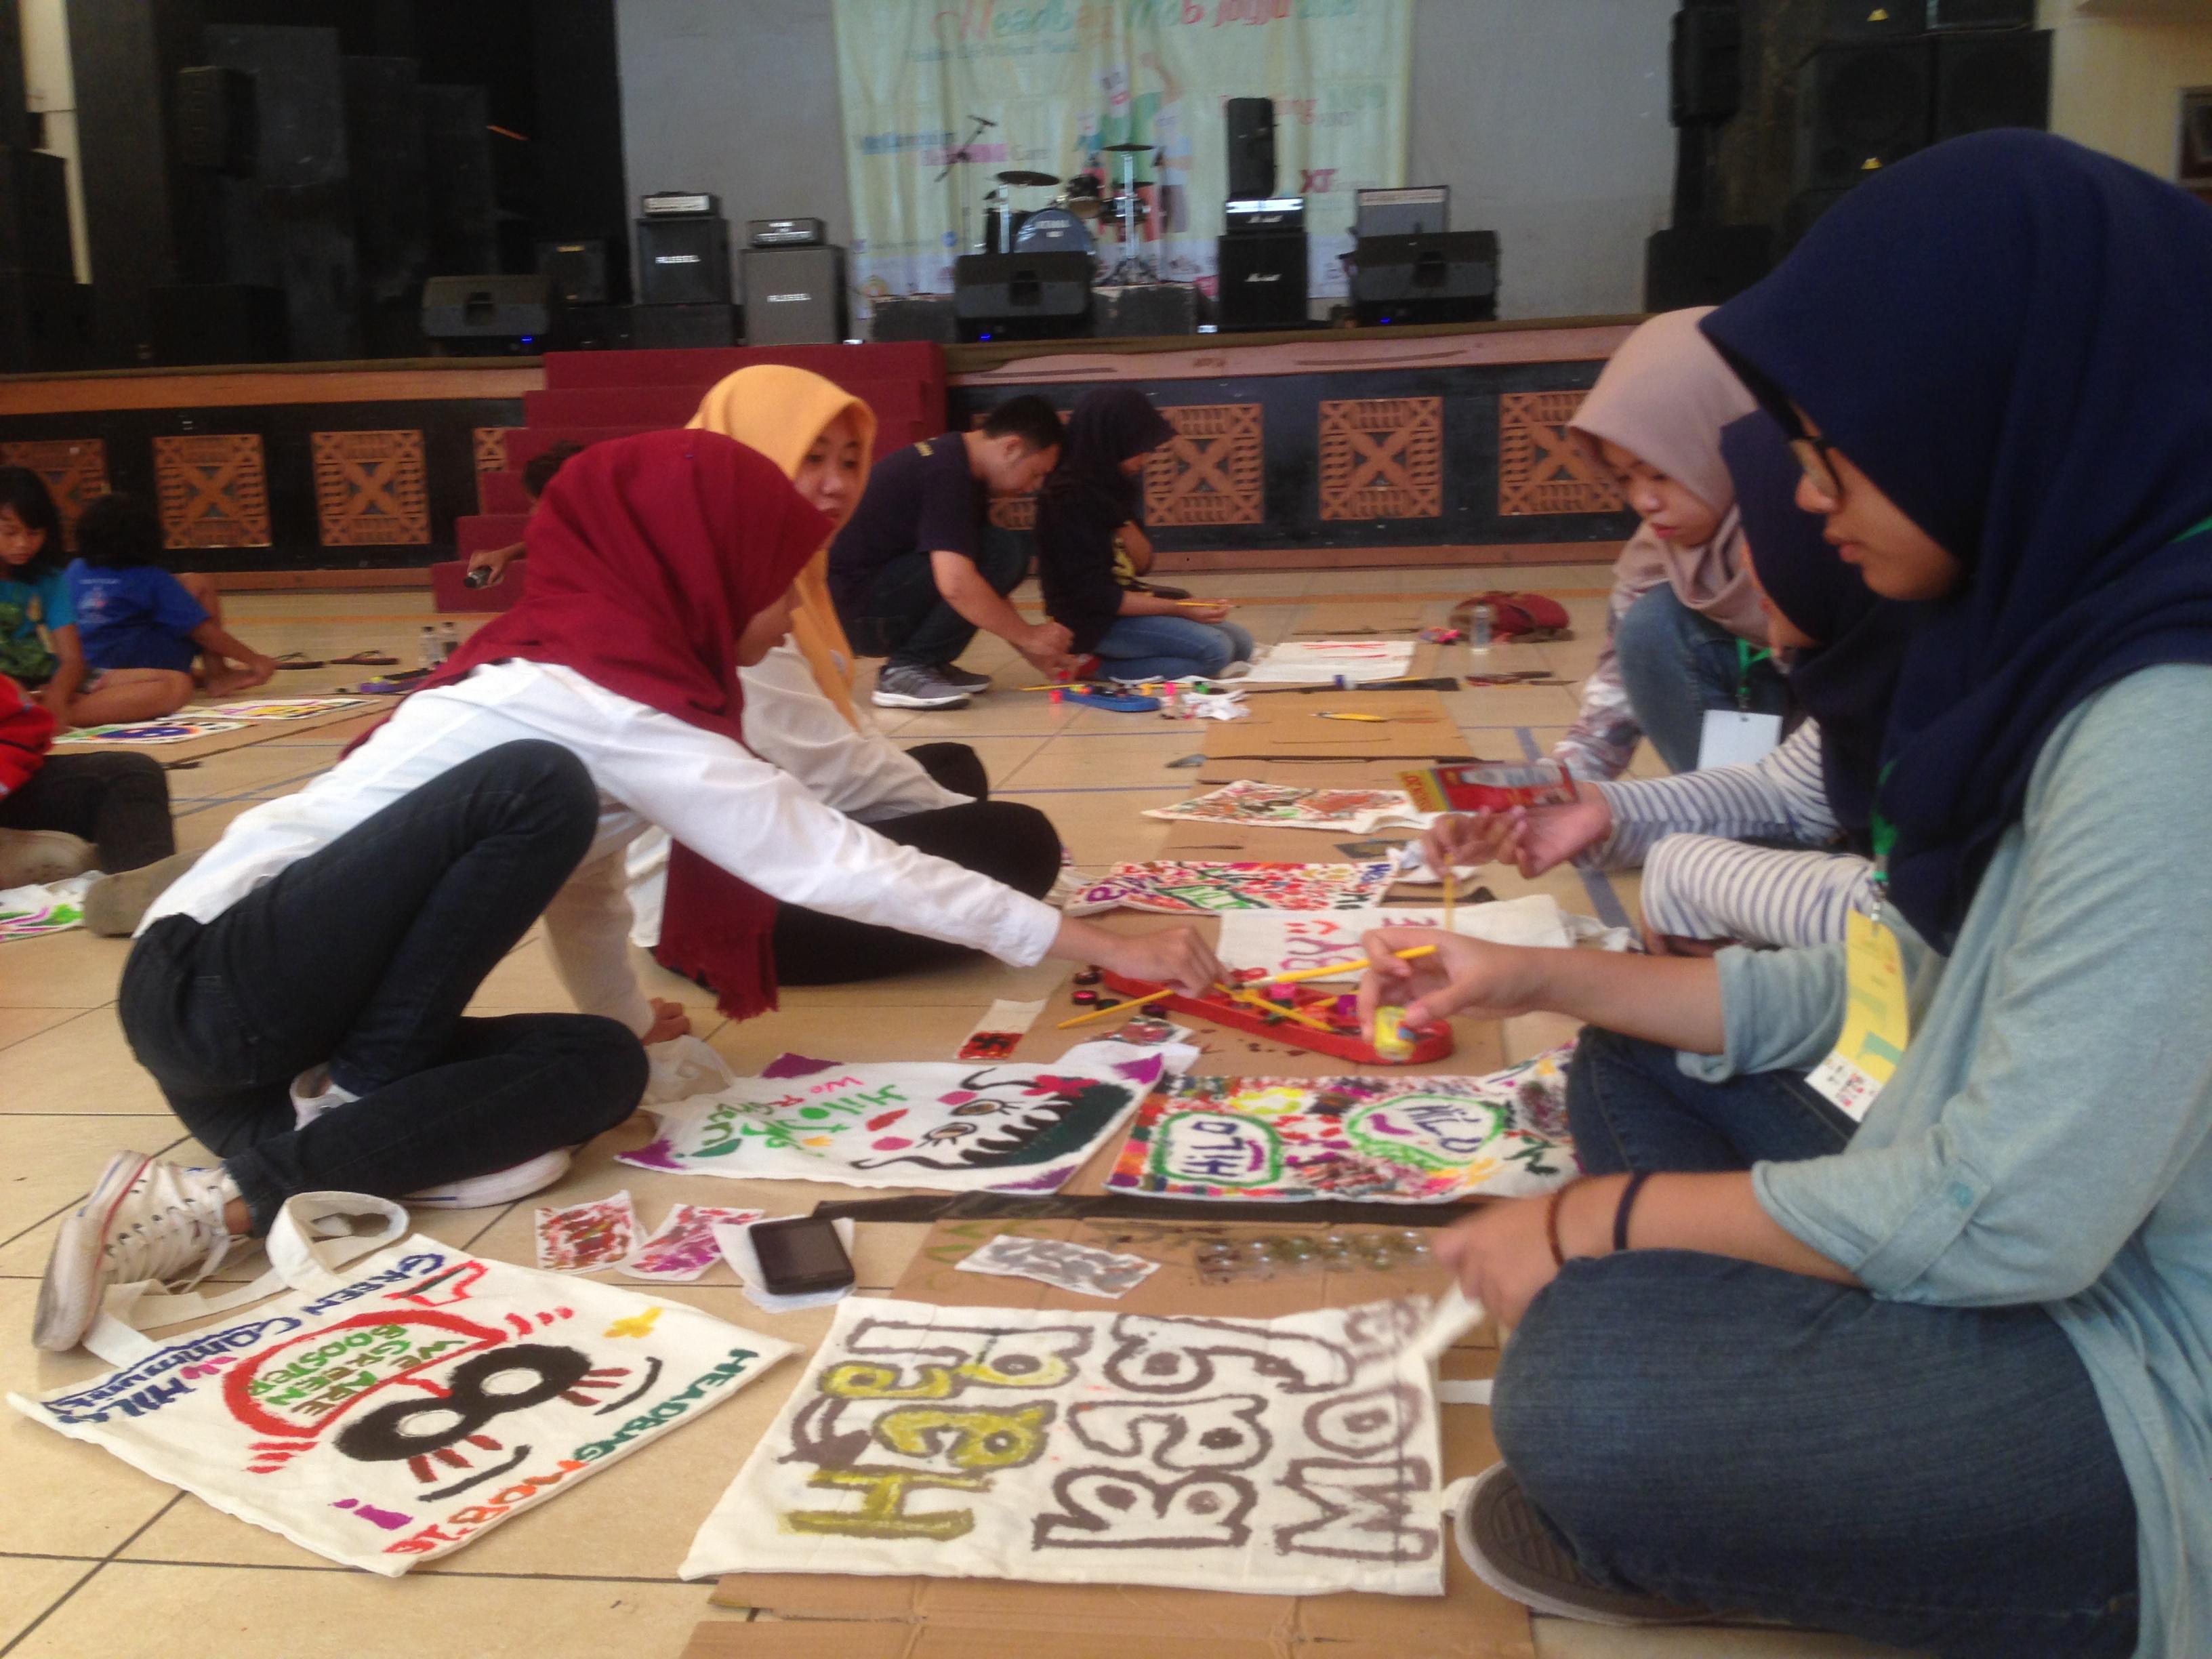 Hilo Green Community Yogyakarta merumuskan paling tidak 2 kegiatan berbasis kebersihan dan kelestarian lingkungan setiap bulan. Weni T. Arfiyani